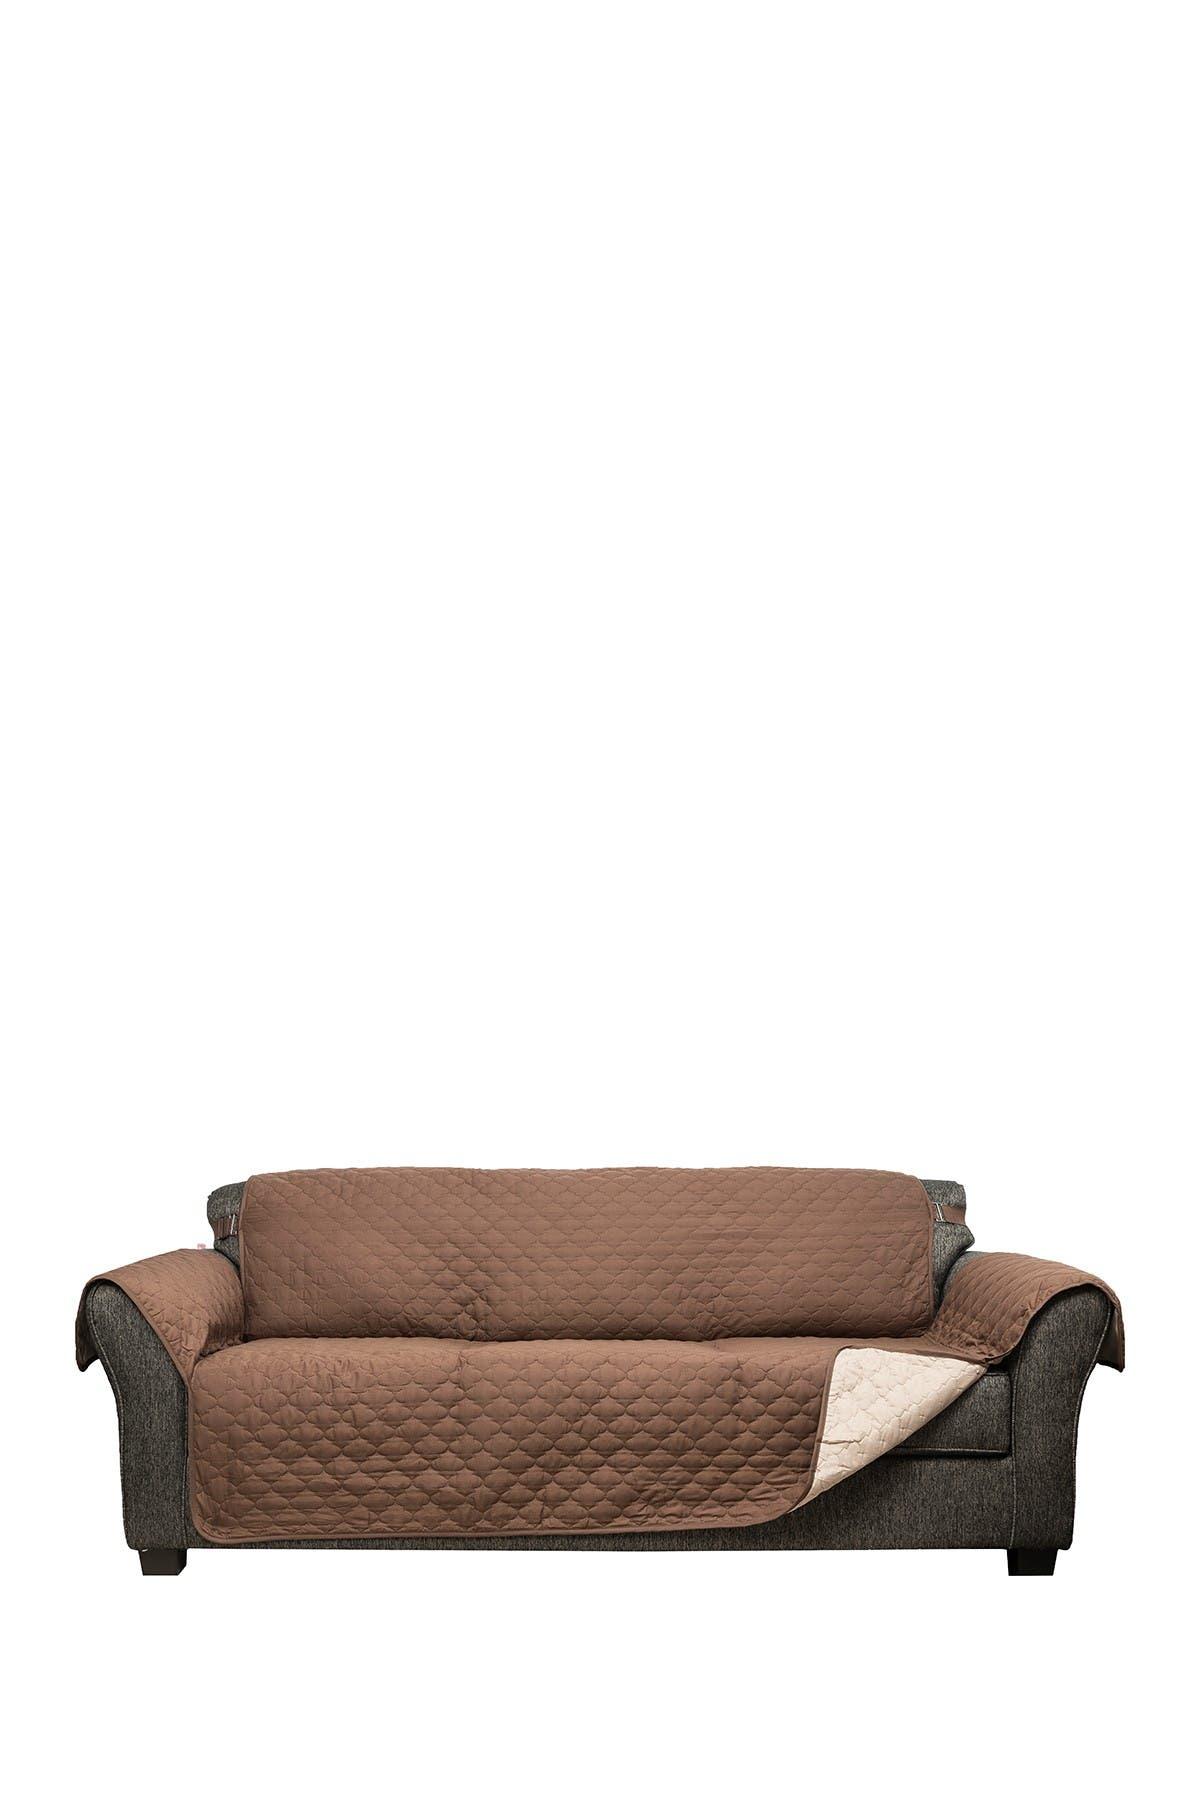 Image of Duck River Textile Chocolate/Natural Reynolda Reversible Waterproof Microfiber Sofa Cover